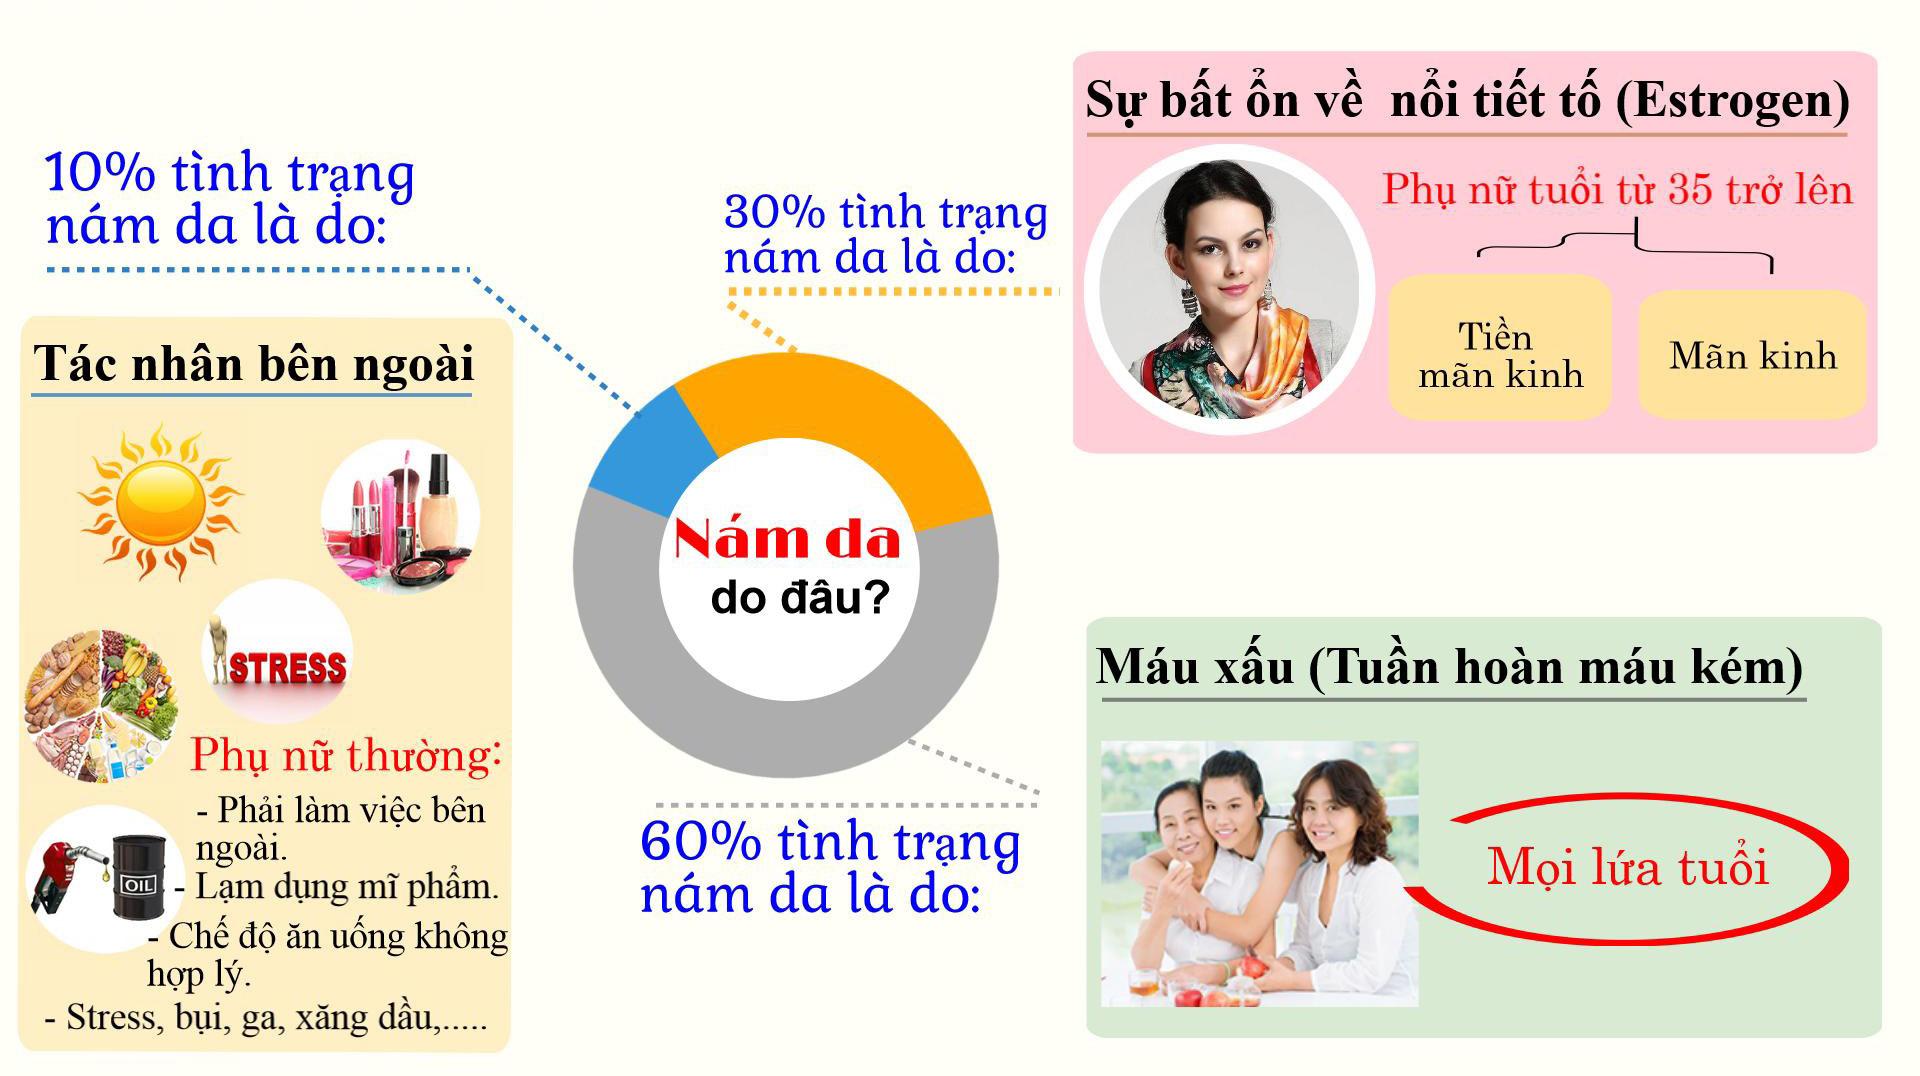 Nam_da_o_tuoi_trung_nien_co_de_dieu_tri_khong?_Vi_sao?